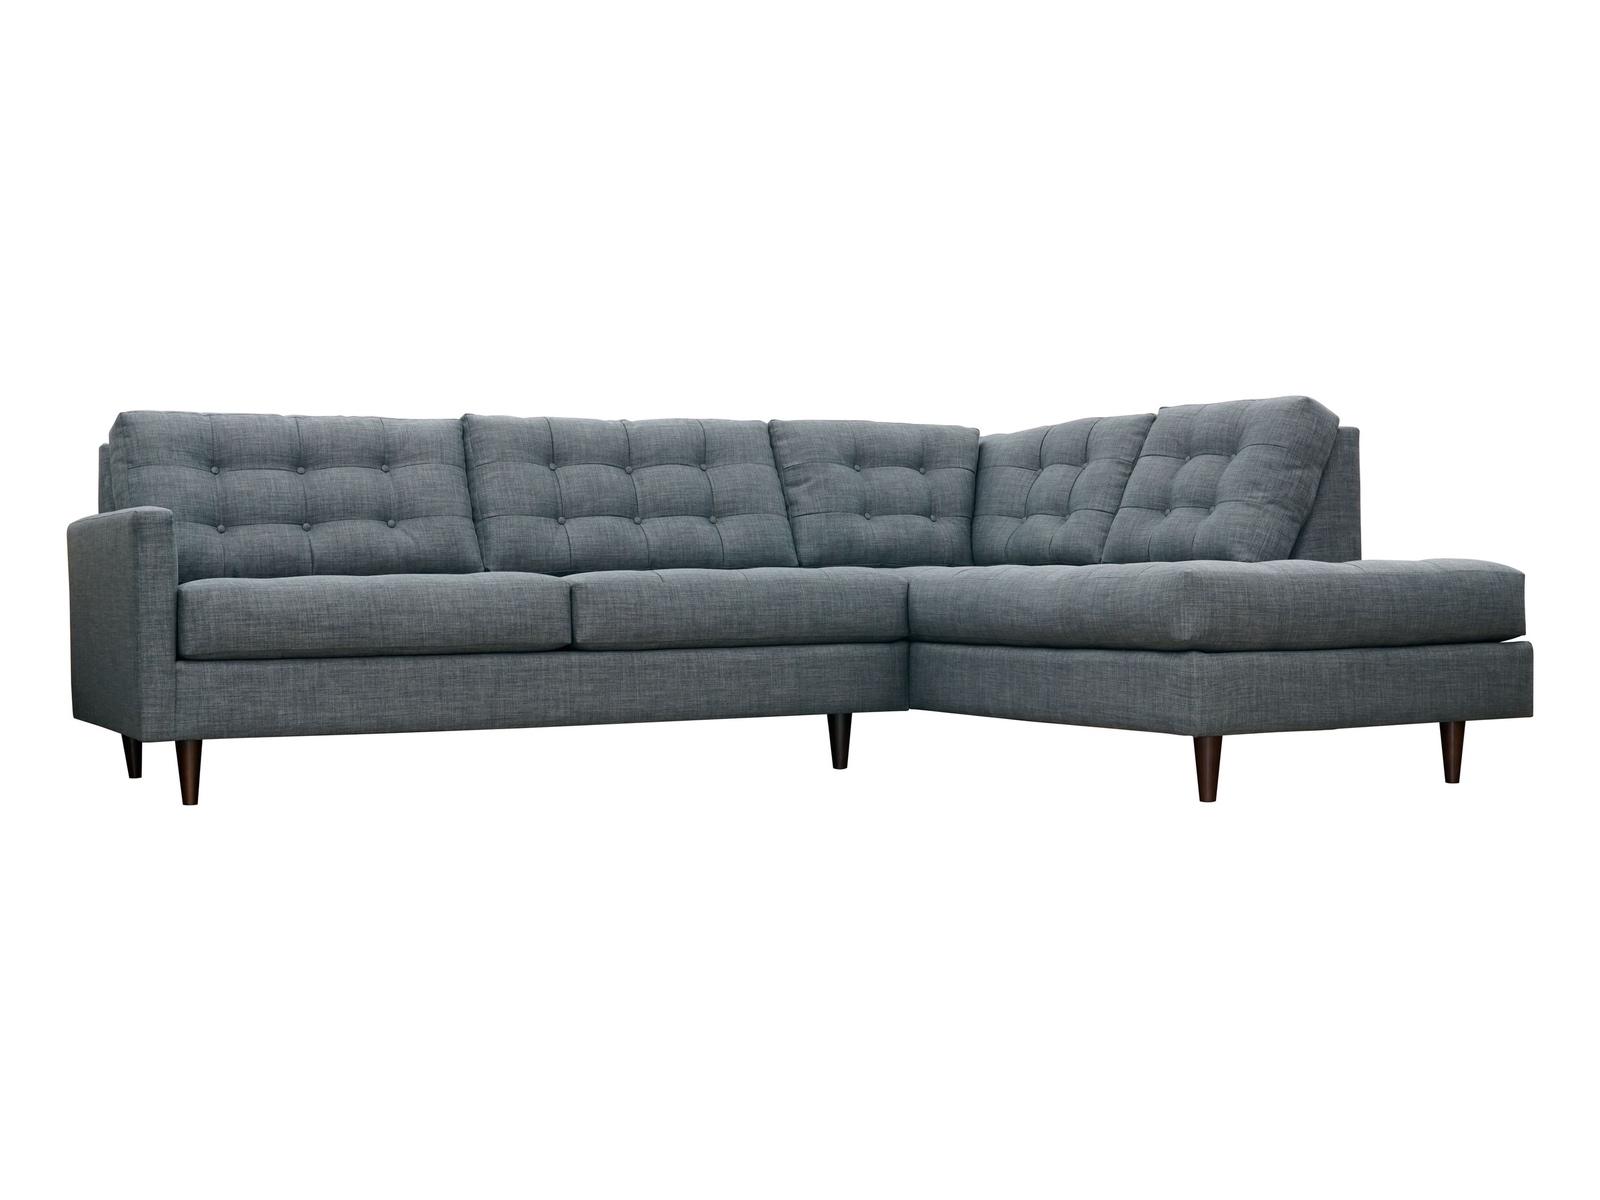 Sofa and Sectional Styles | BuildASofa - Austin, TX — BuildASofa